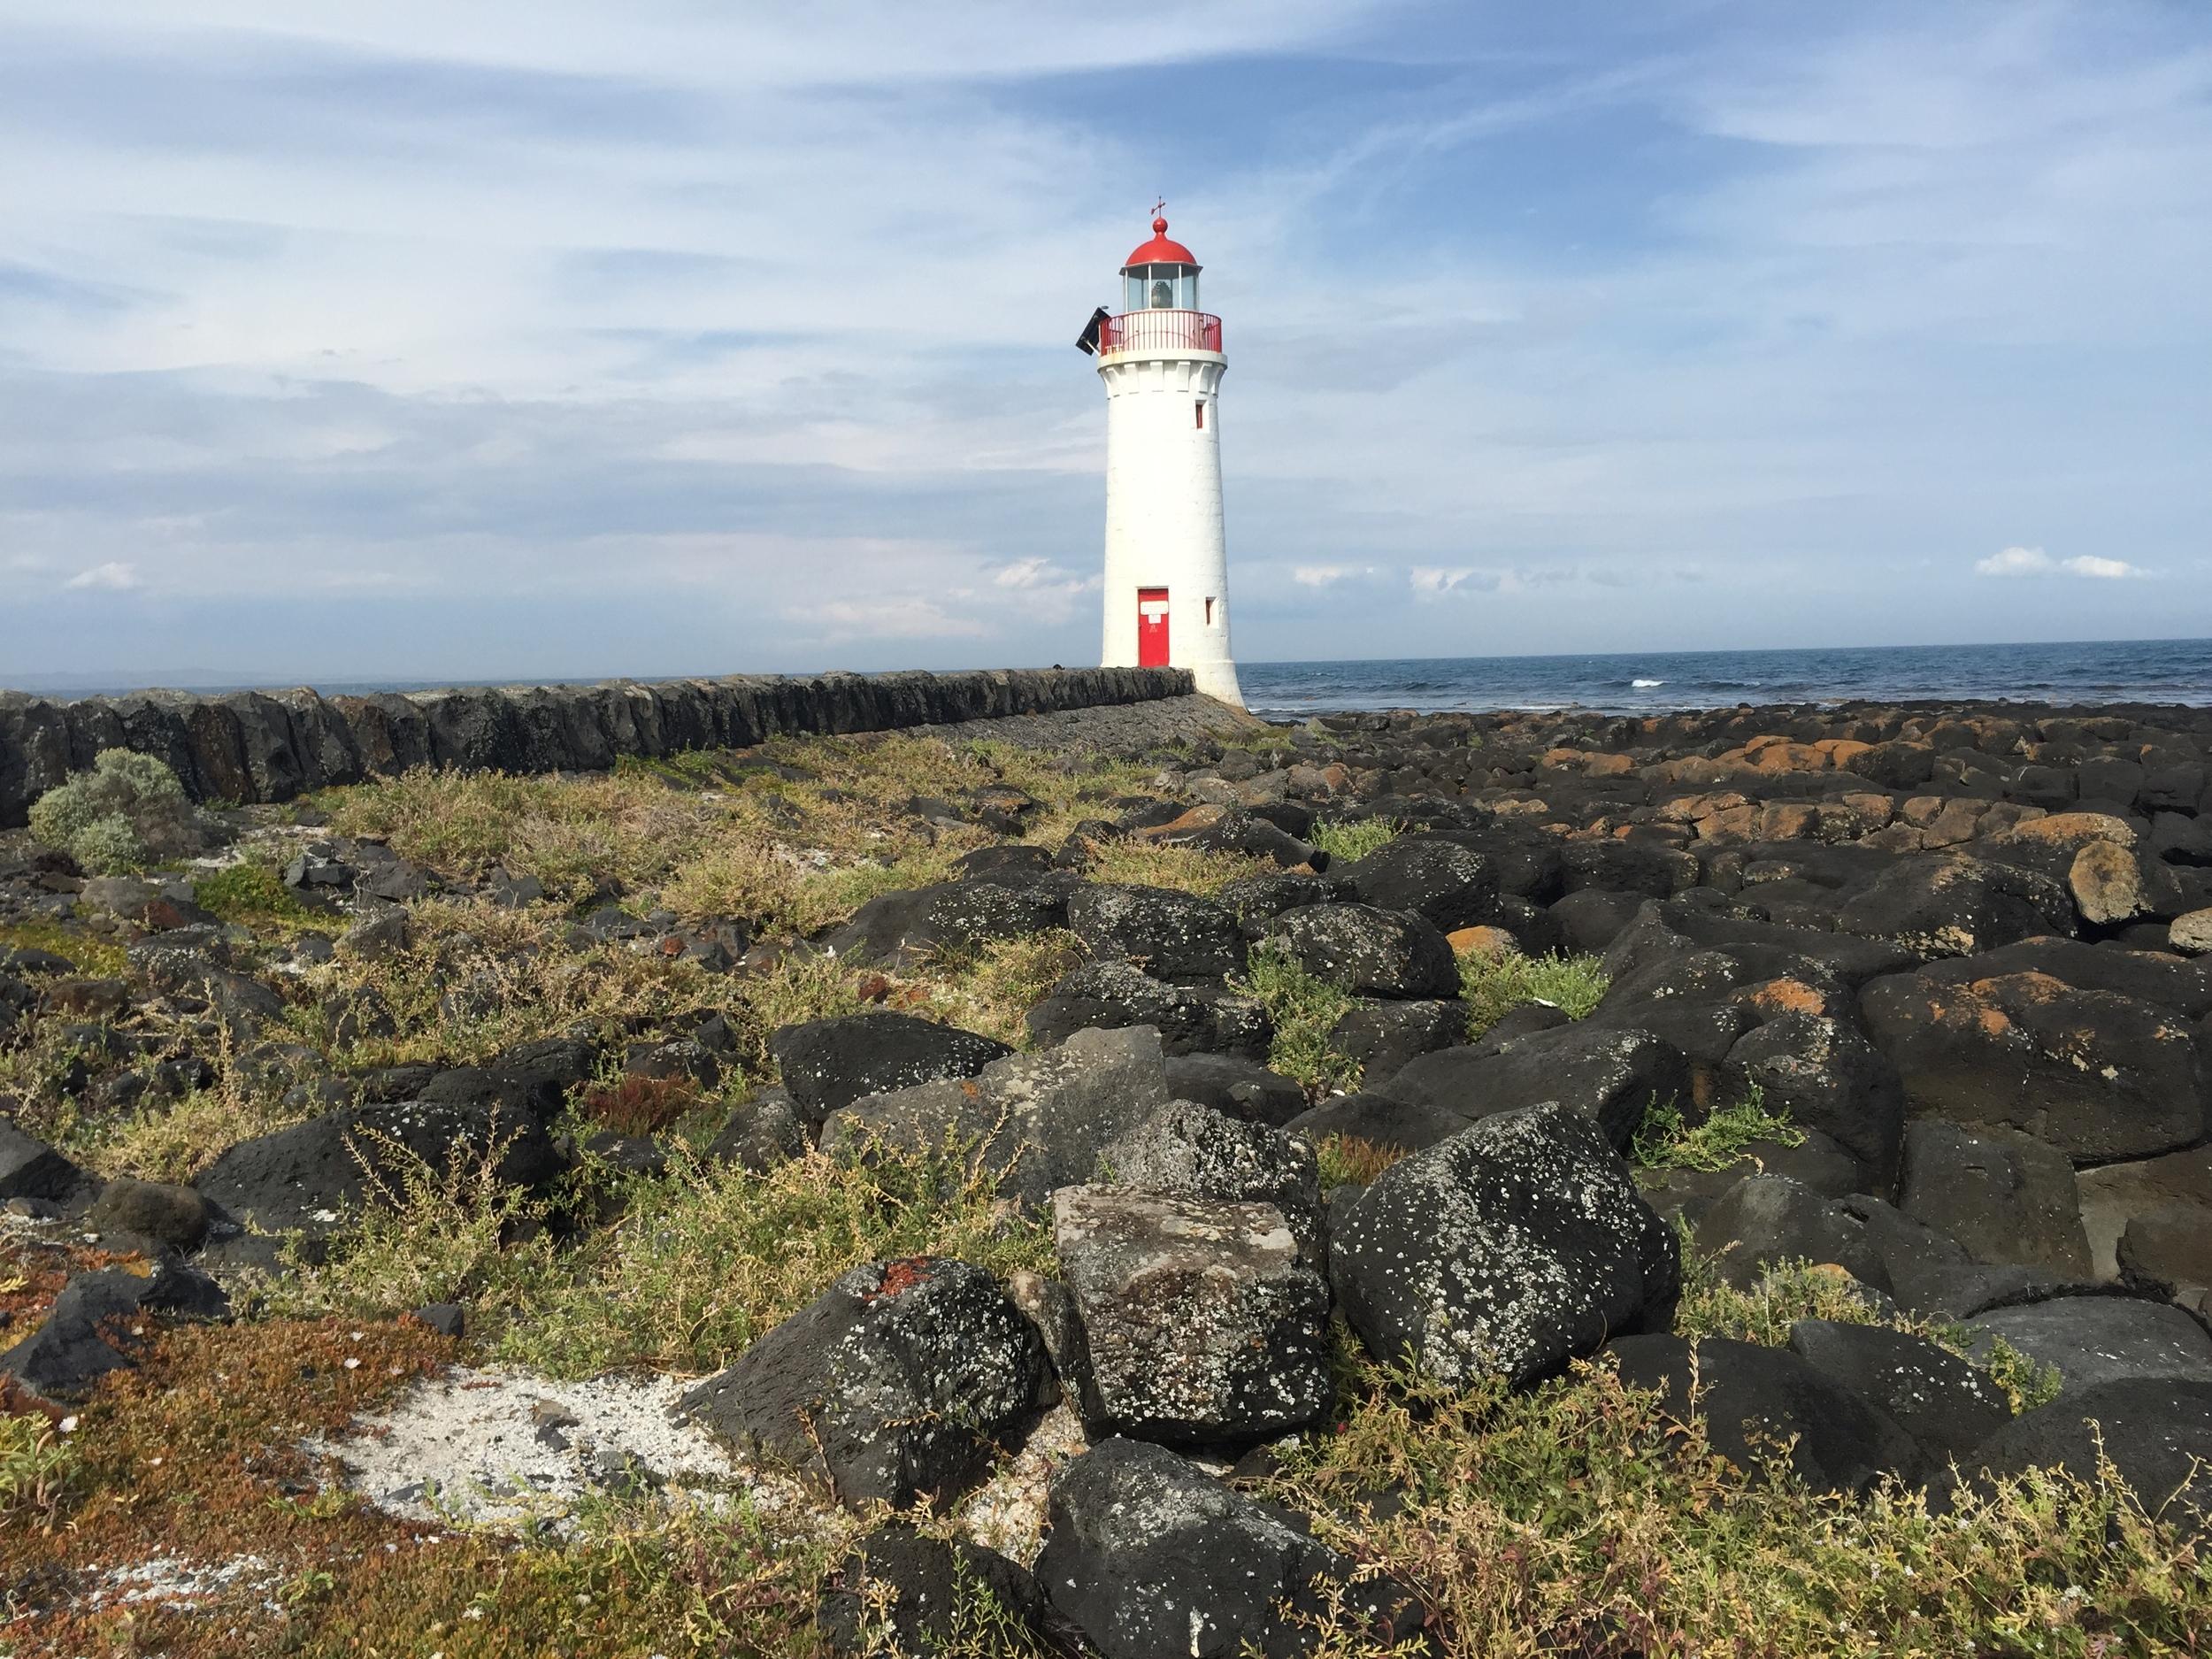 Point Fairy lighthouse